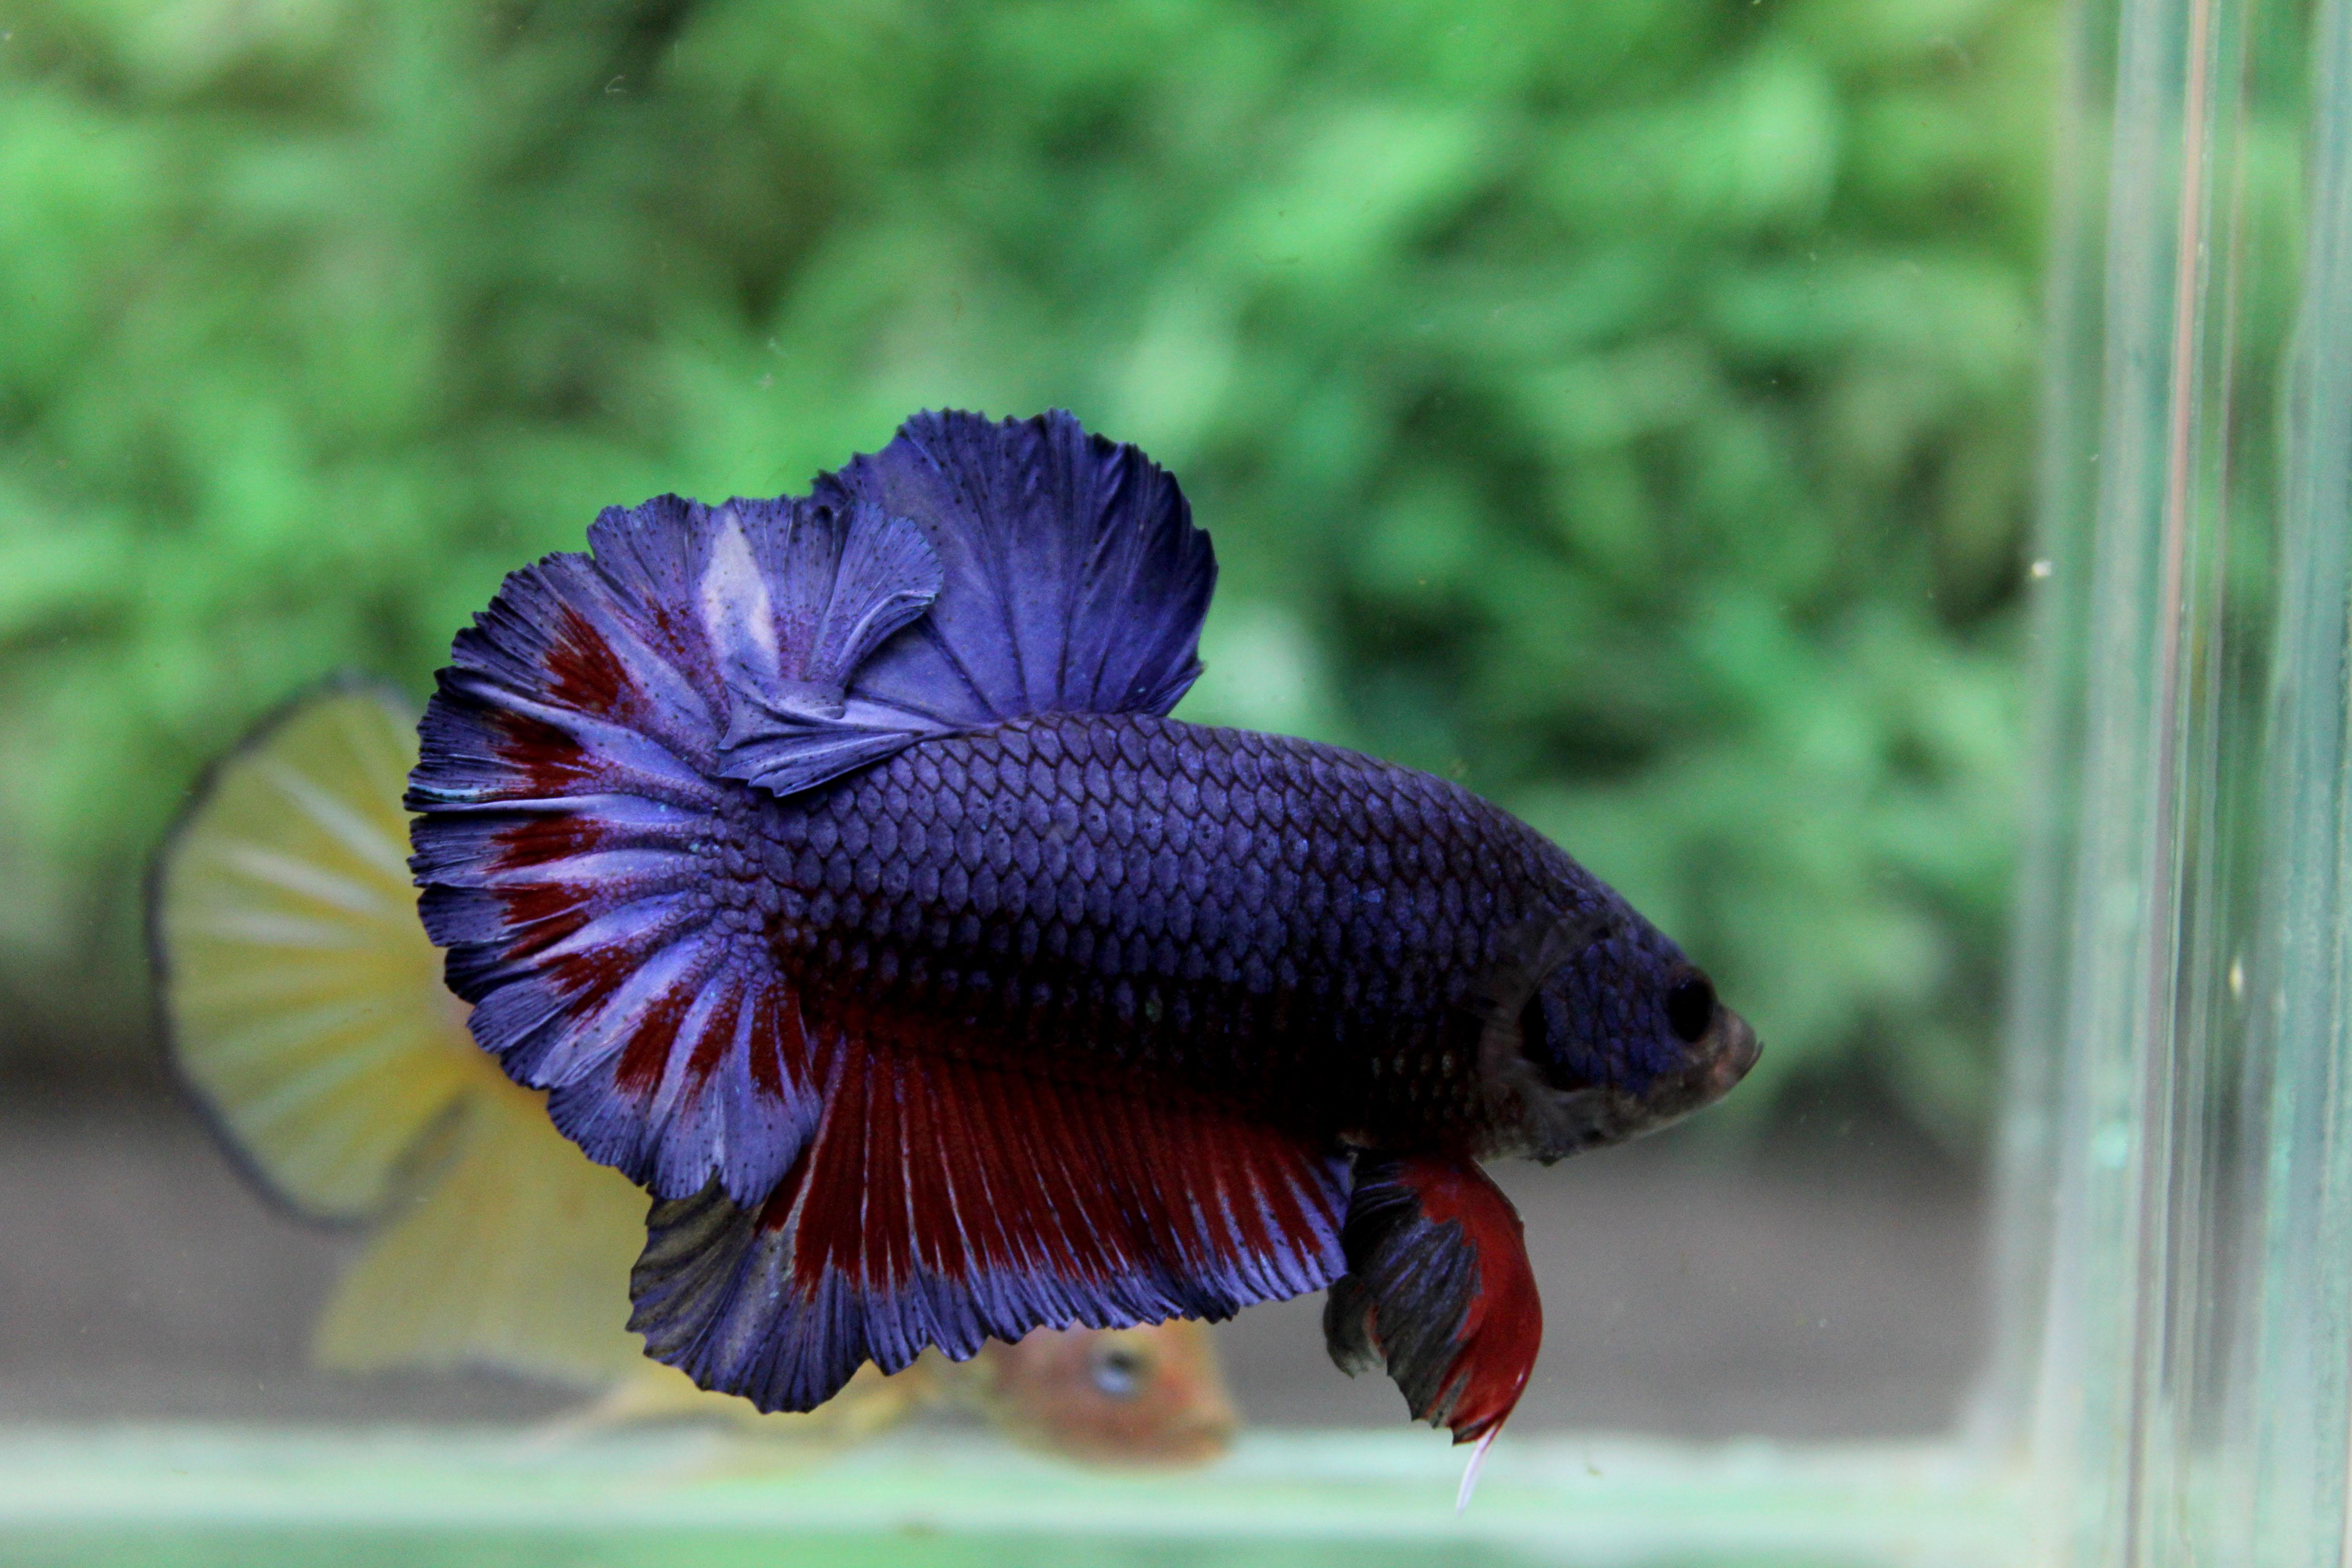 คัดเกรดปลากัดครีบสั้น-Halfmoon Plakad Quality Grade Fancy Colors Blue Red Over Tails